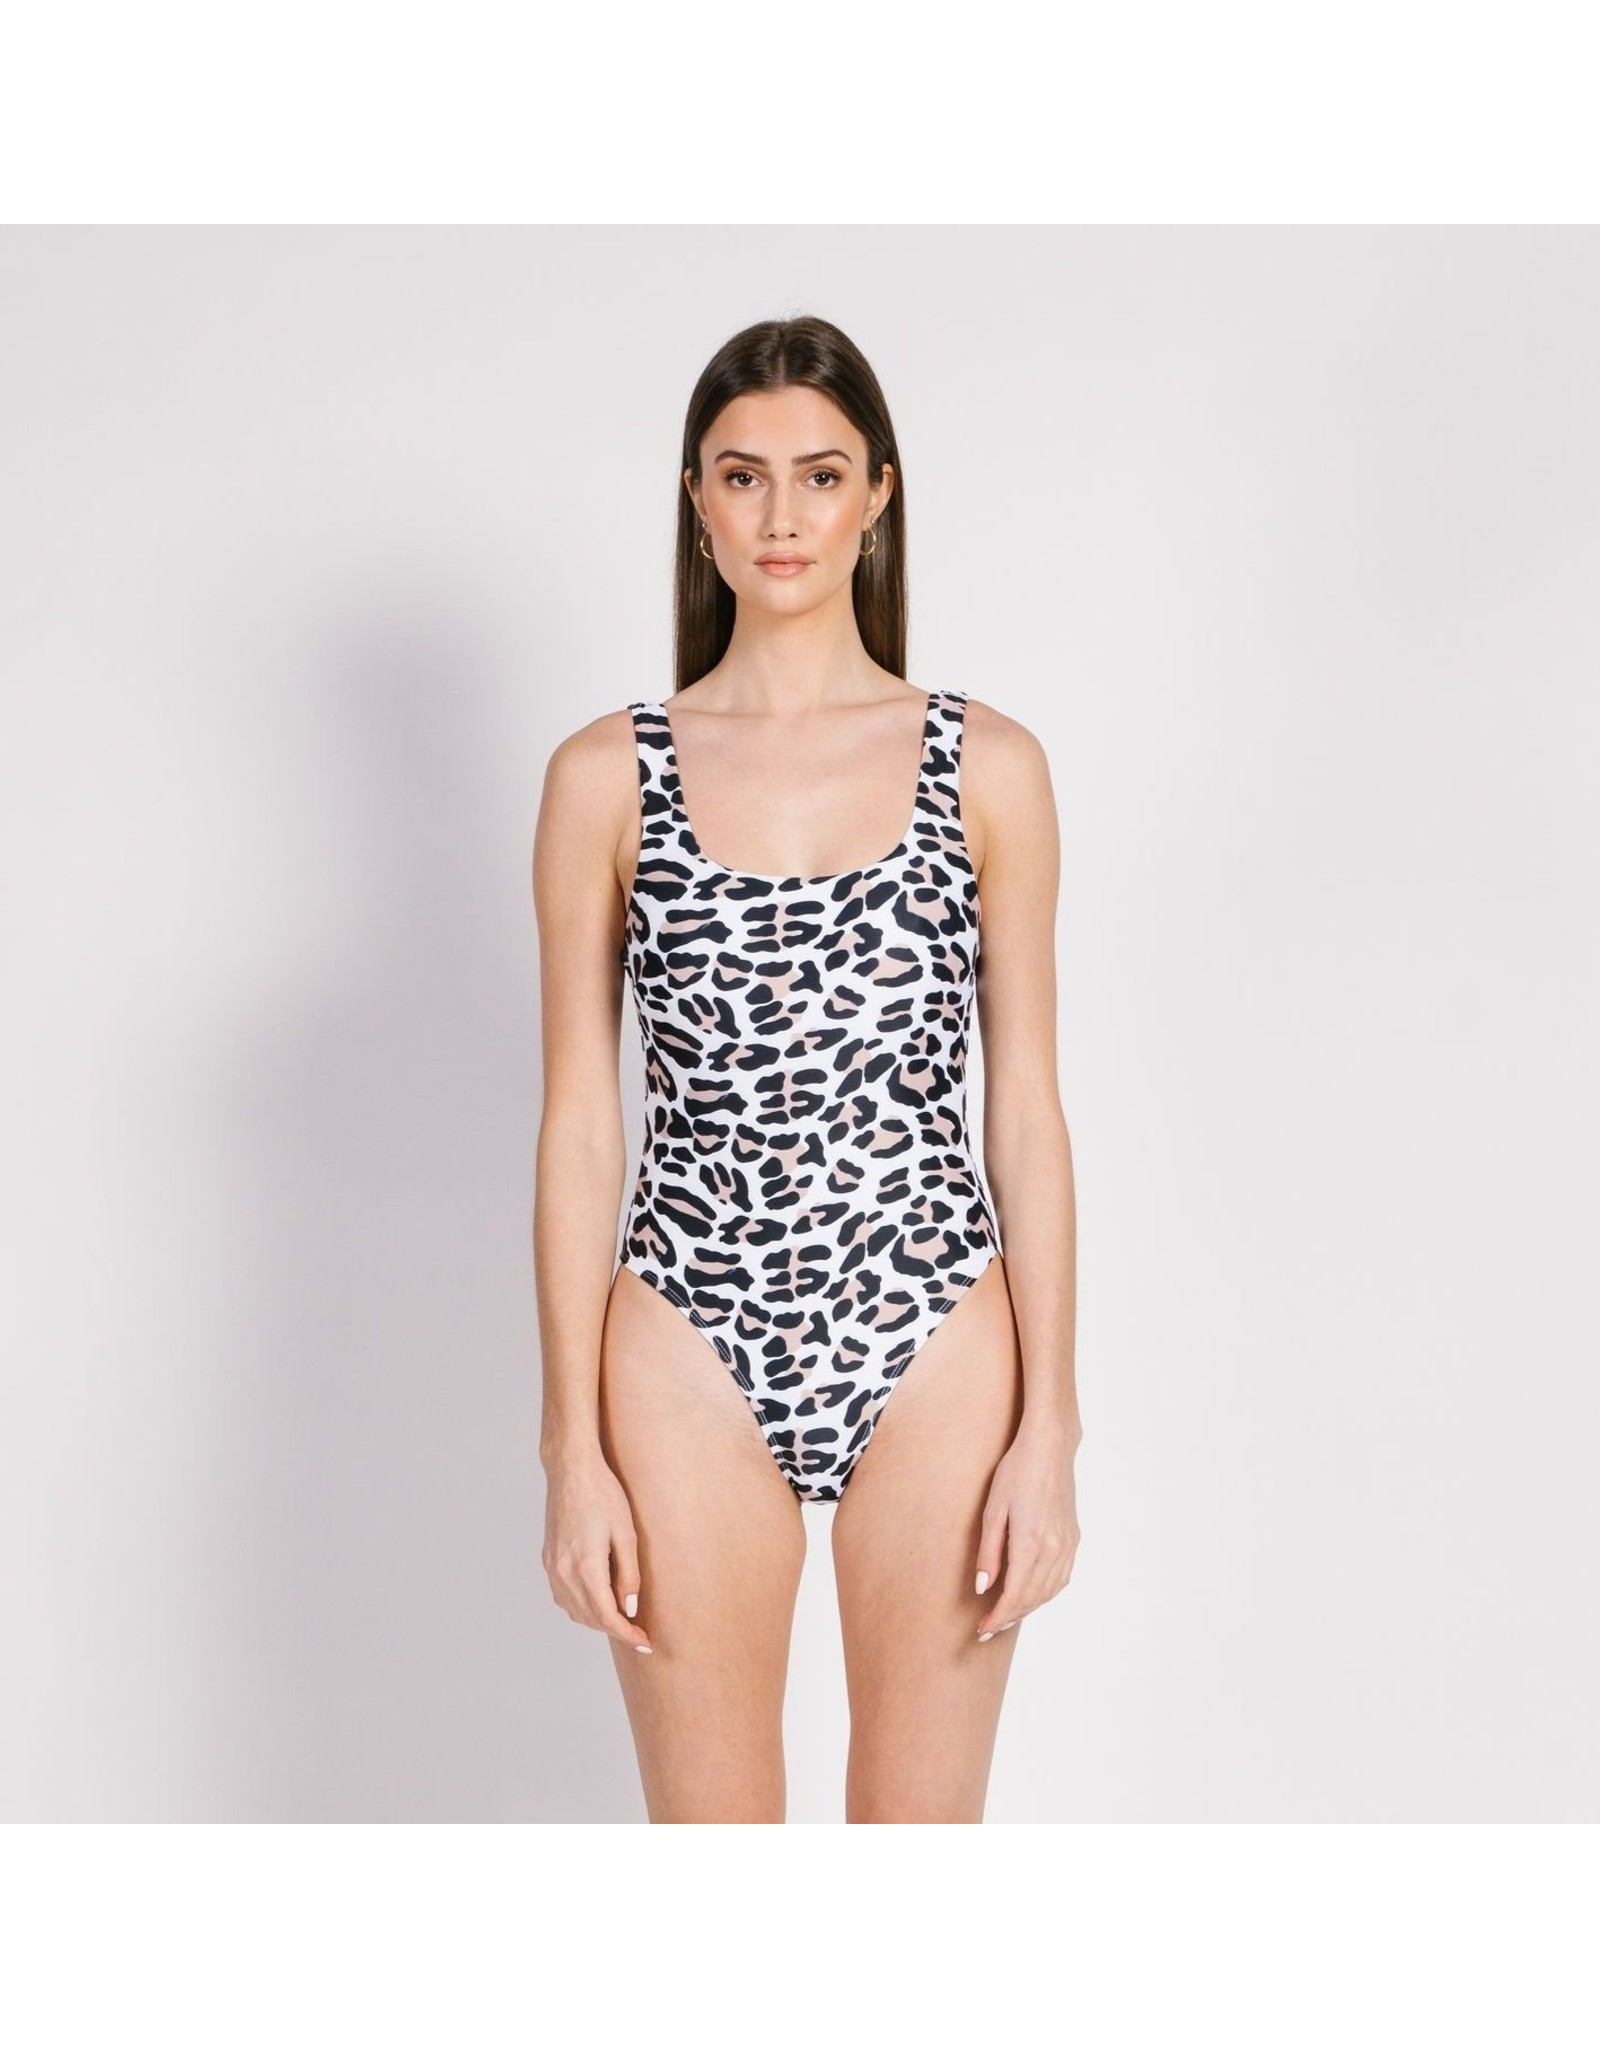 Shady Lady Swimwear - Kenya Leopard Swimsuit